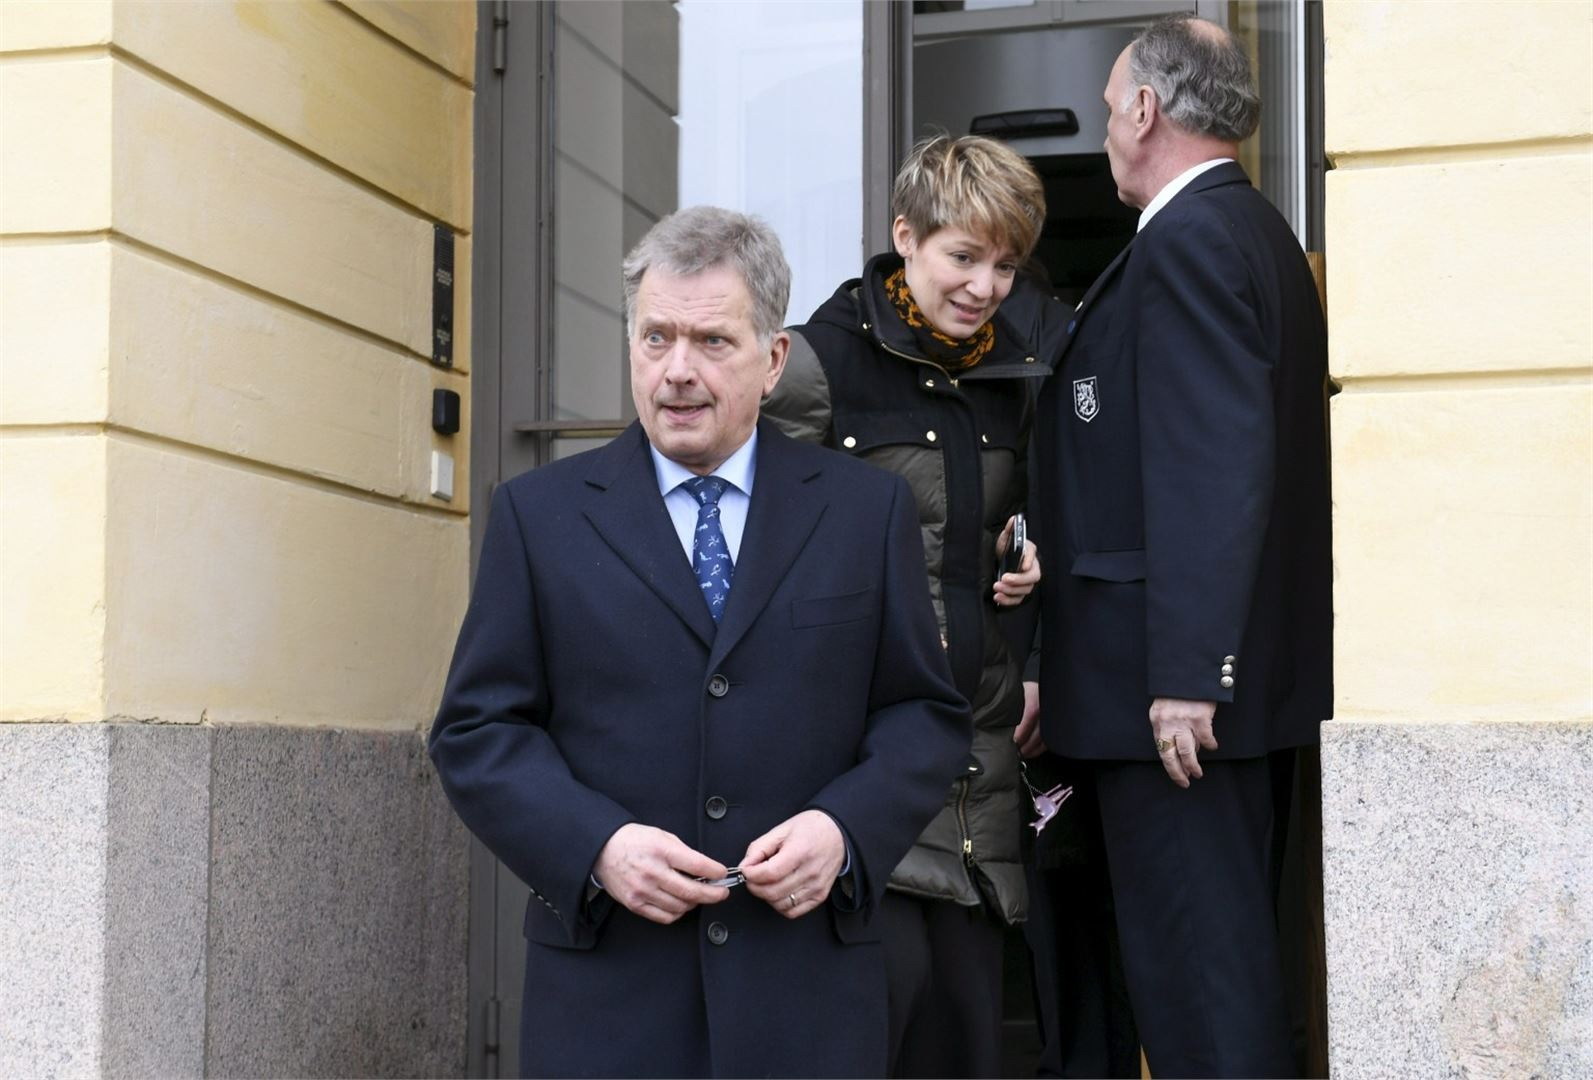 Presidentti Sauli Niinistö kommentoi Syyrian tilannetta hänen ja hallituksen ulko- ja turvallisuuspoliittisen valiokunnan ylimääräinen kokouksen jälkeen.